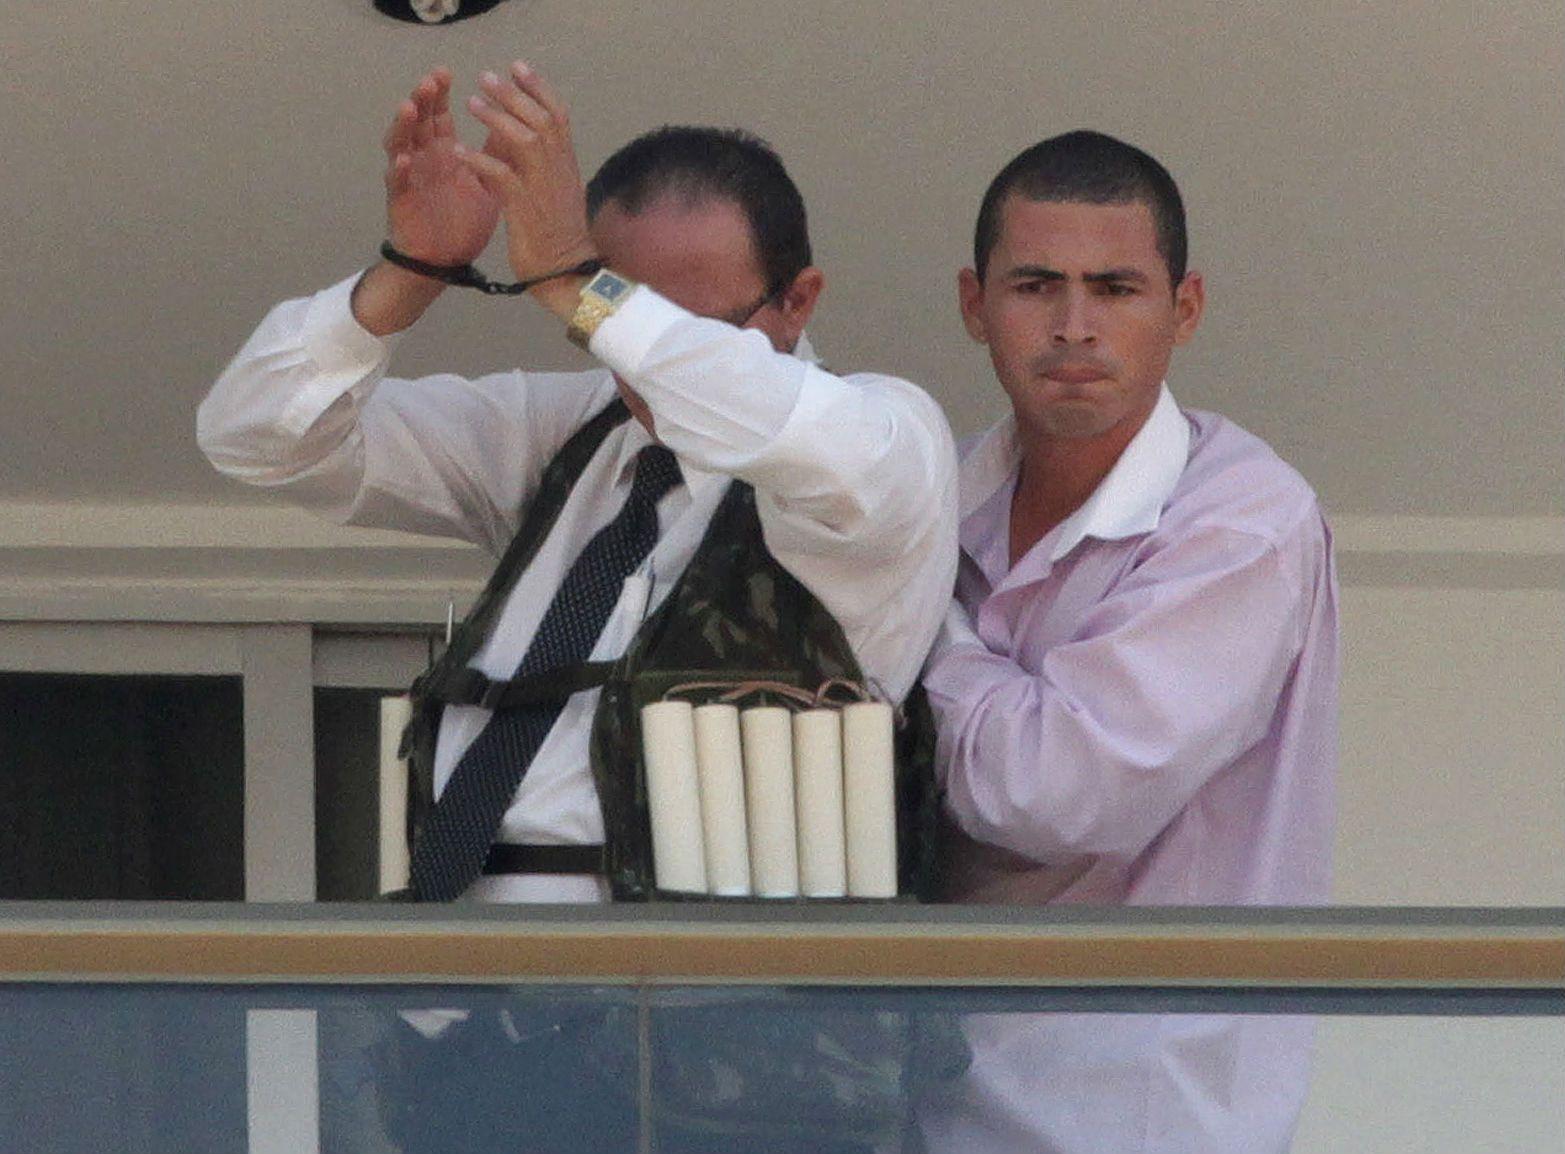 Un sujeto armado tomó como rehén al empleado de un hotel de capital de Brasil